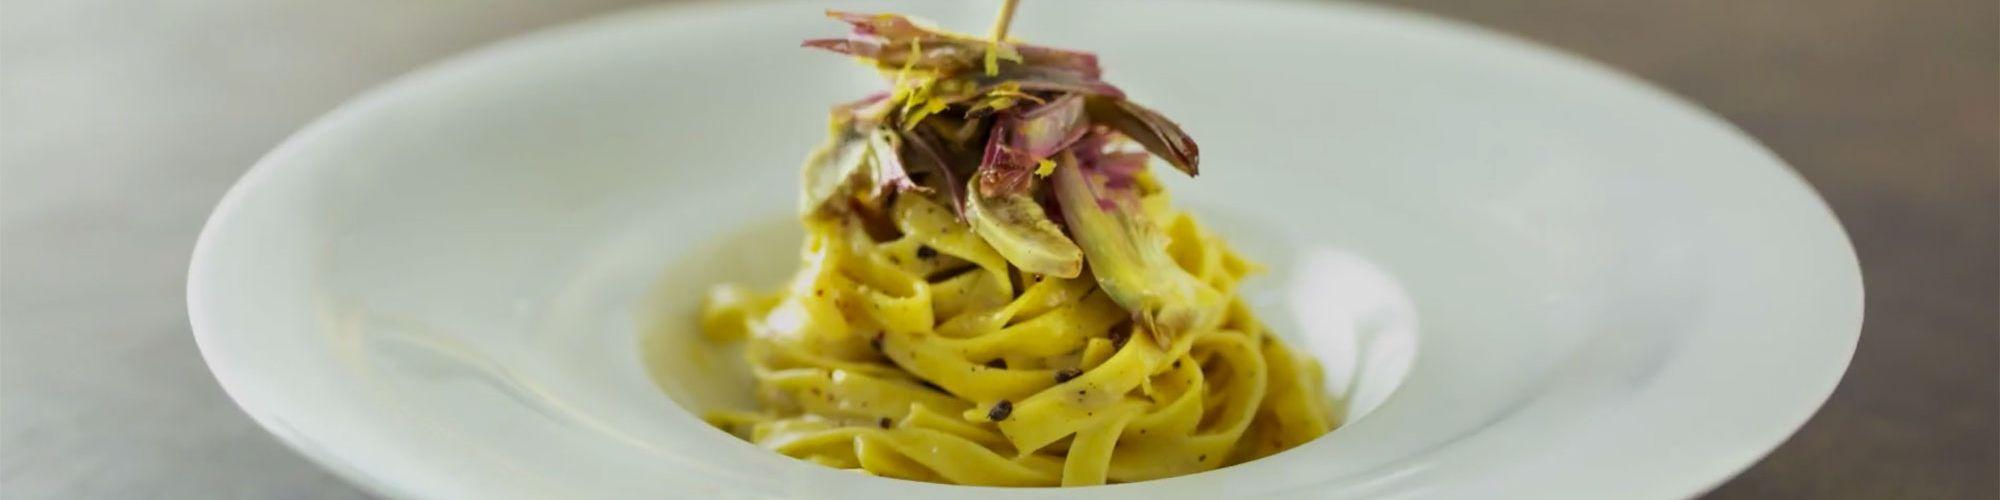 ricetta Tagliatelle ai 3 pepi e cacio con carciofi e limone con pasta fresca